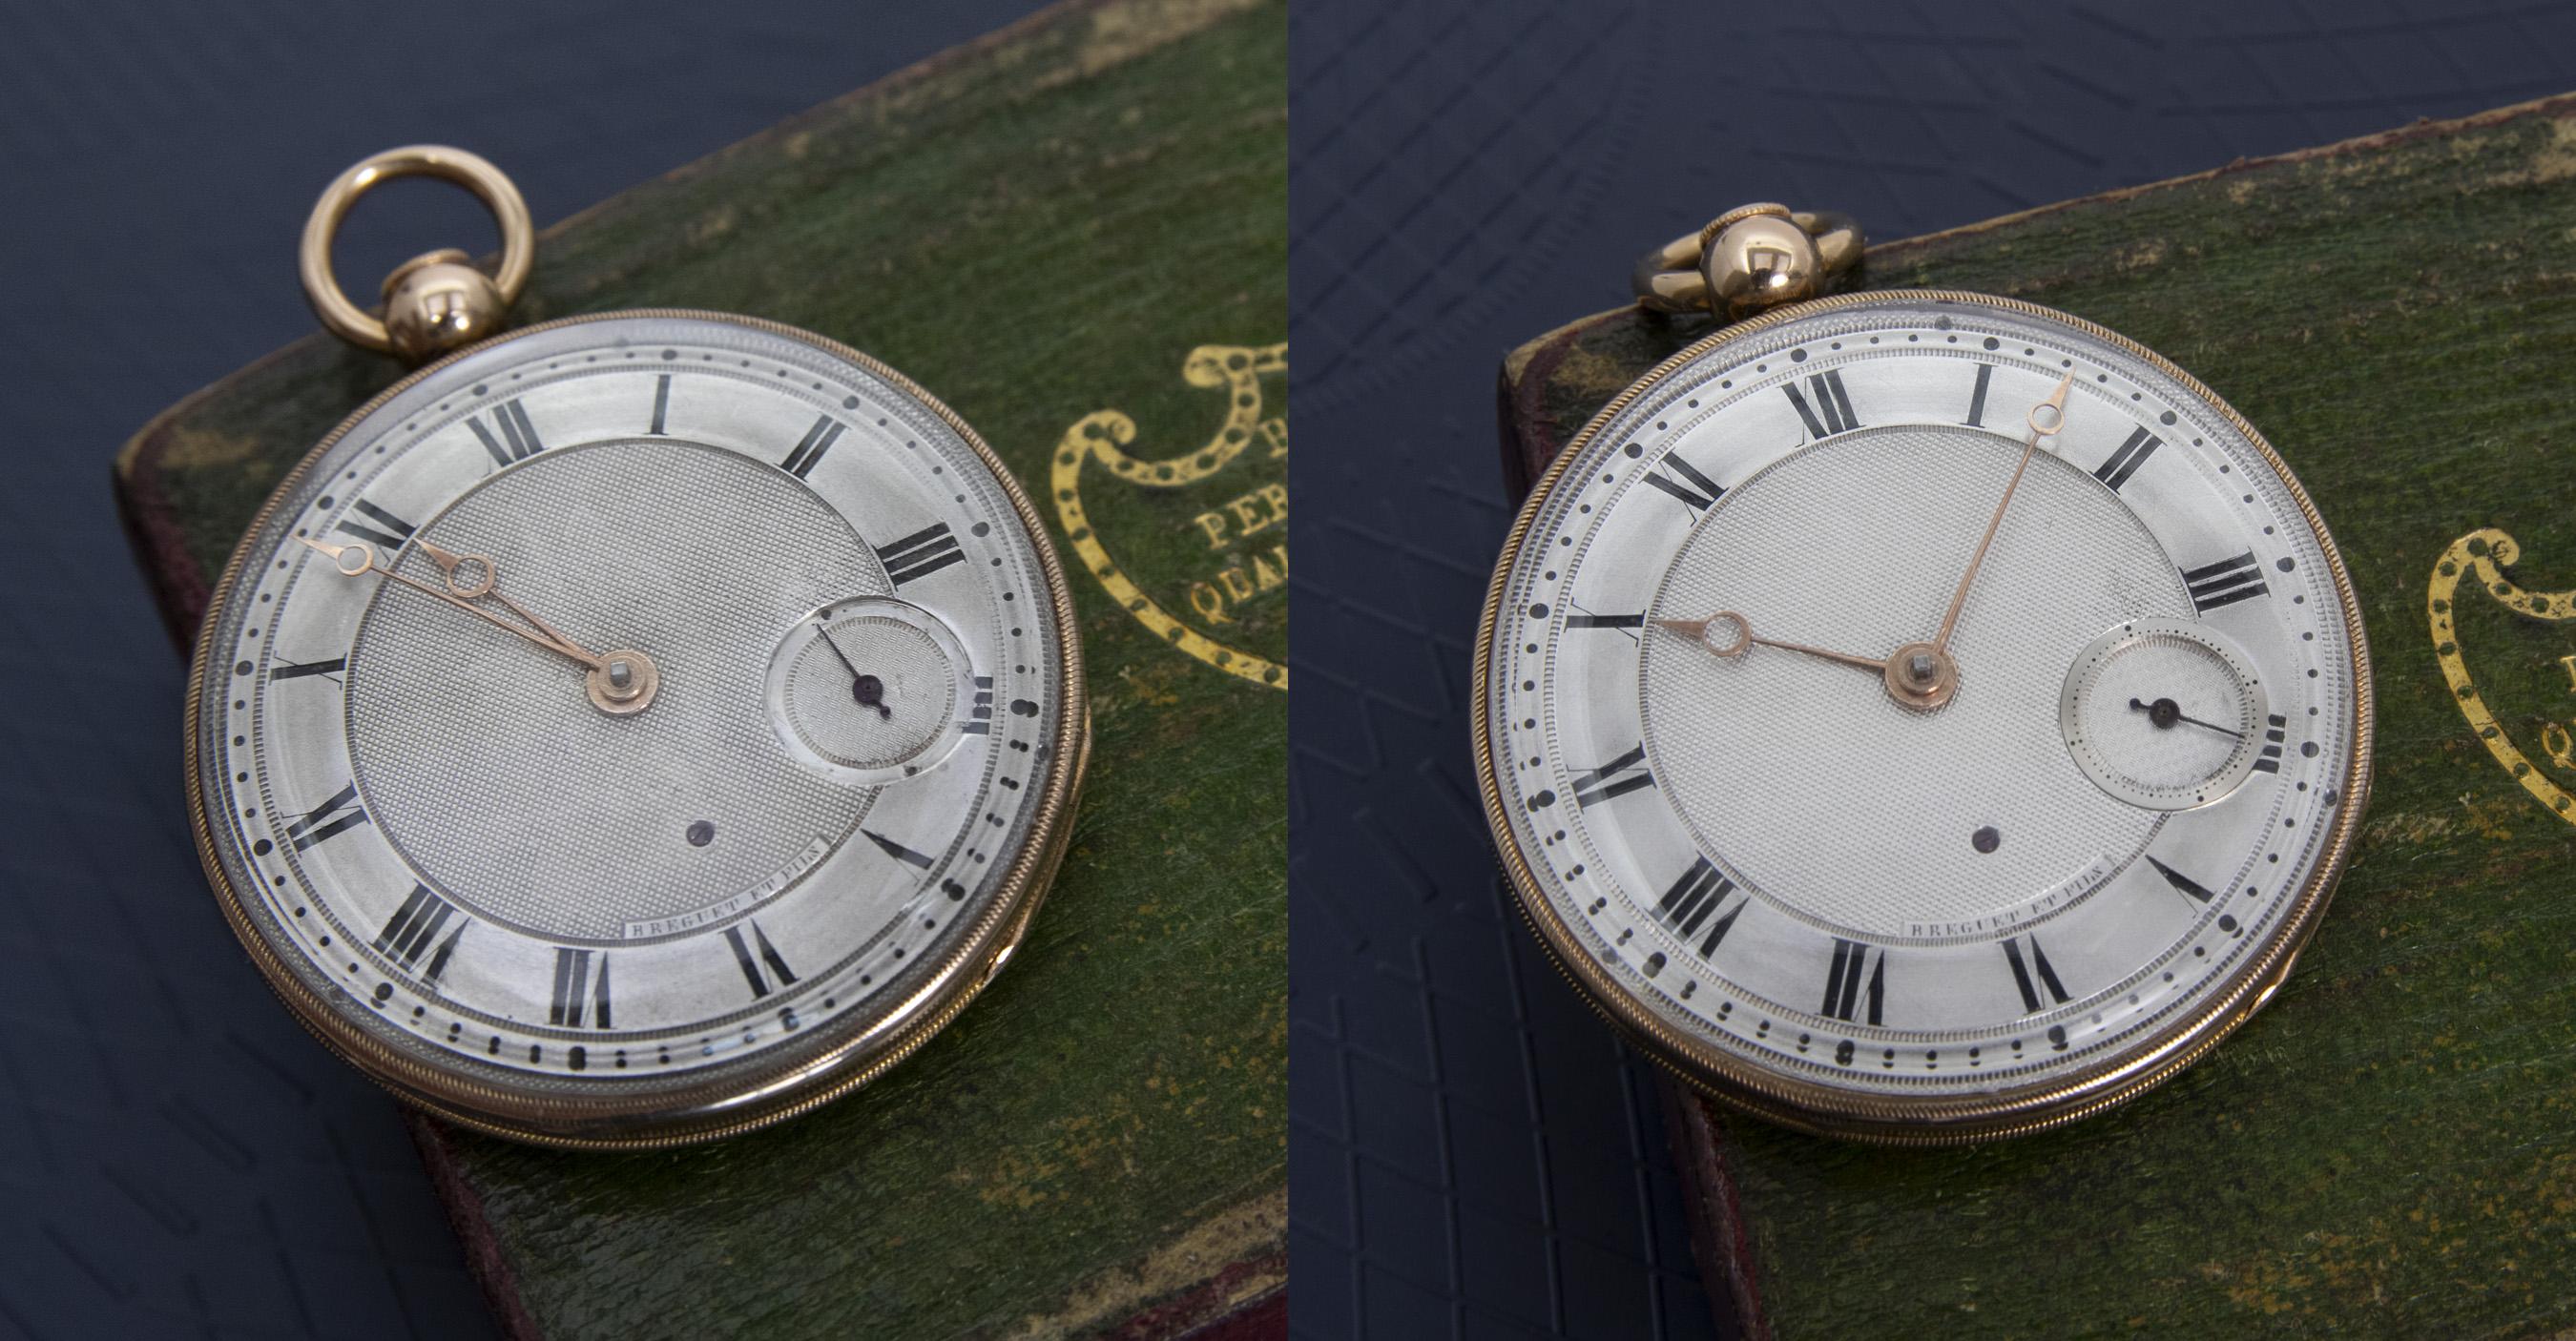 Breguet N°3190, vendue en 1819 au Baron de Vietinghoff 49289346861_b7c37f4137_o